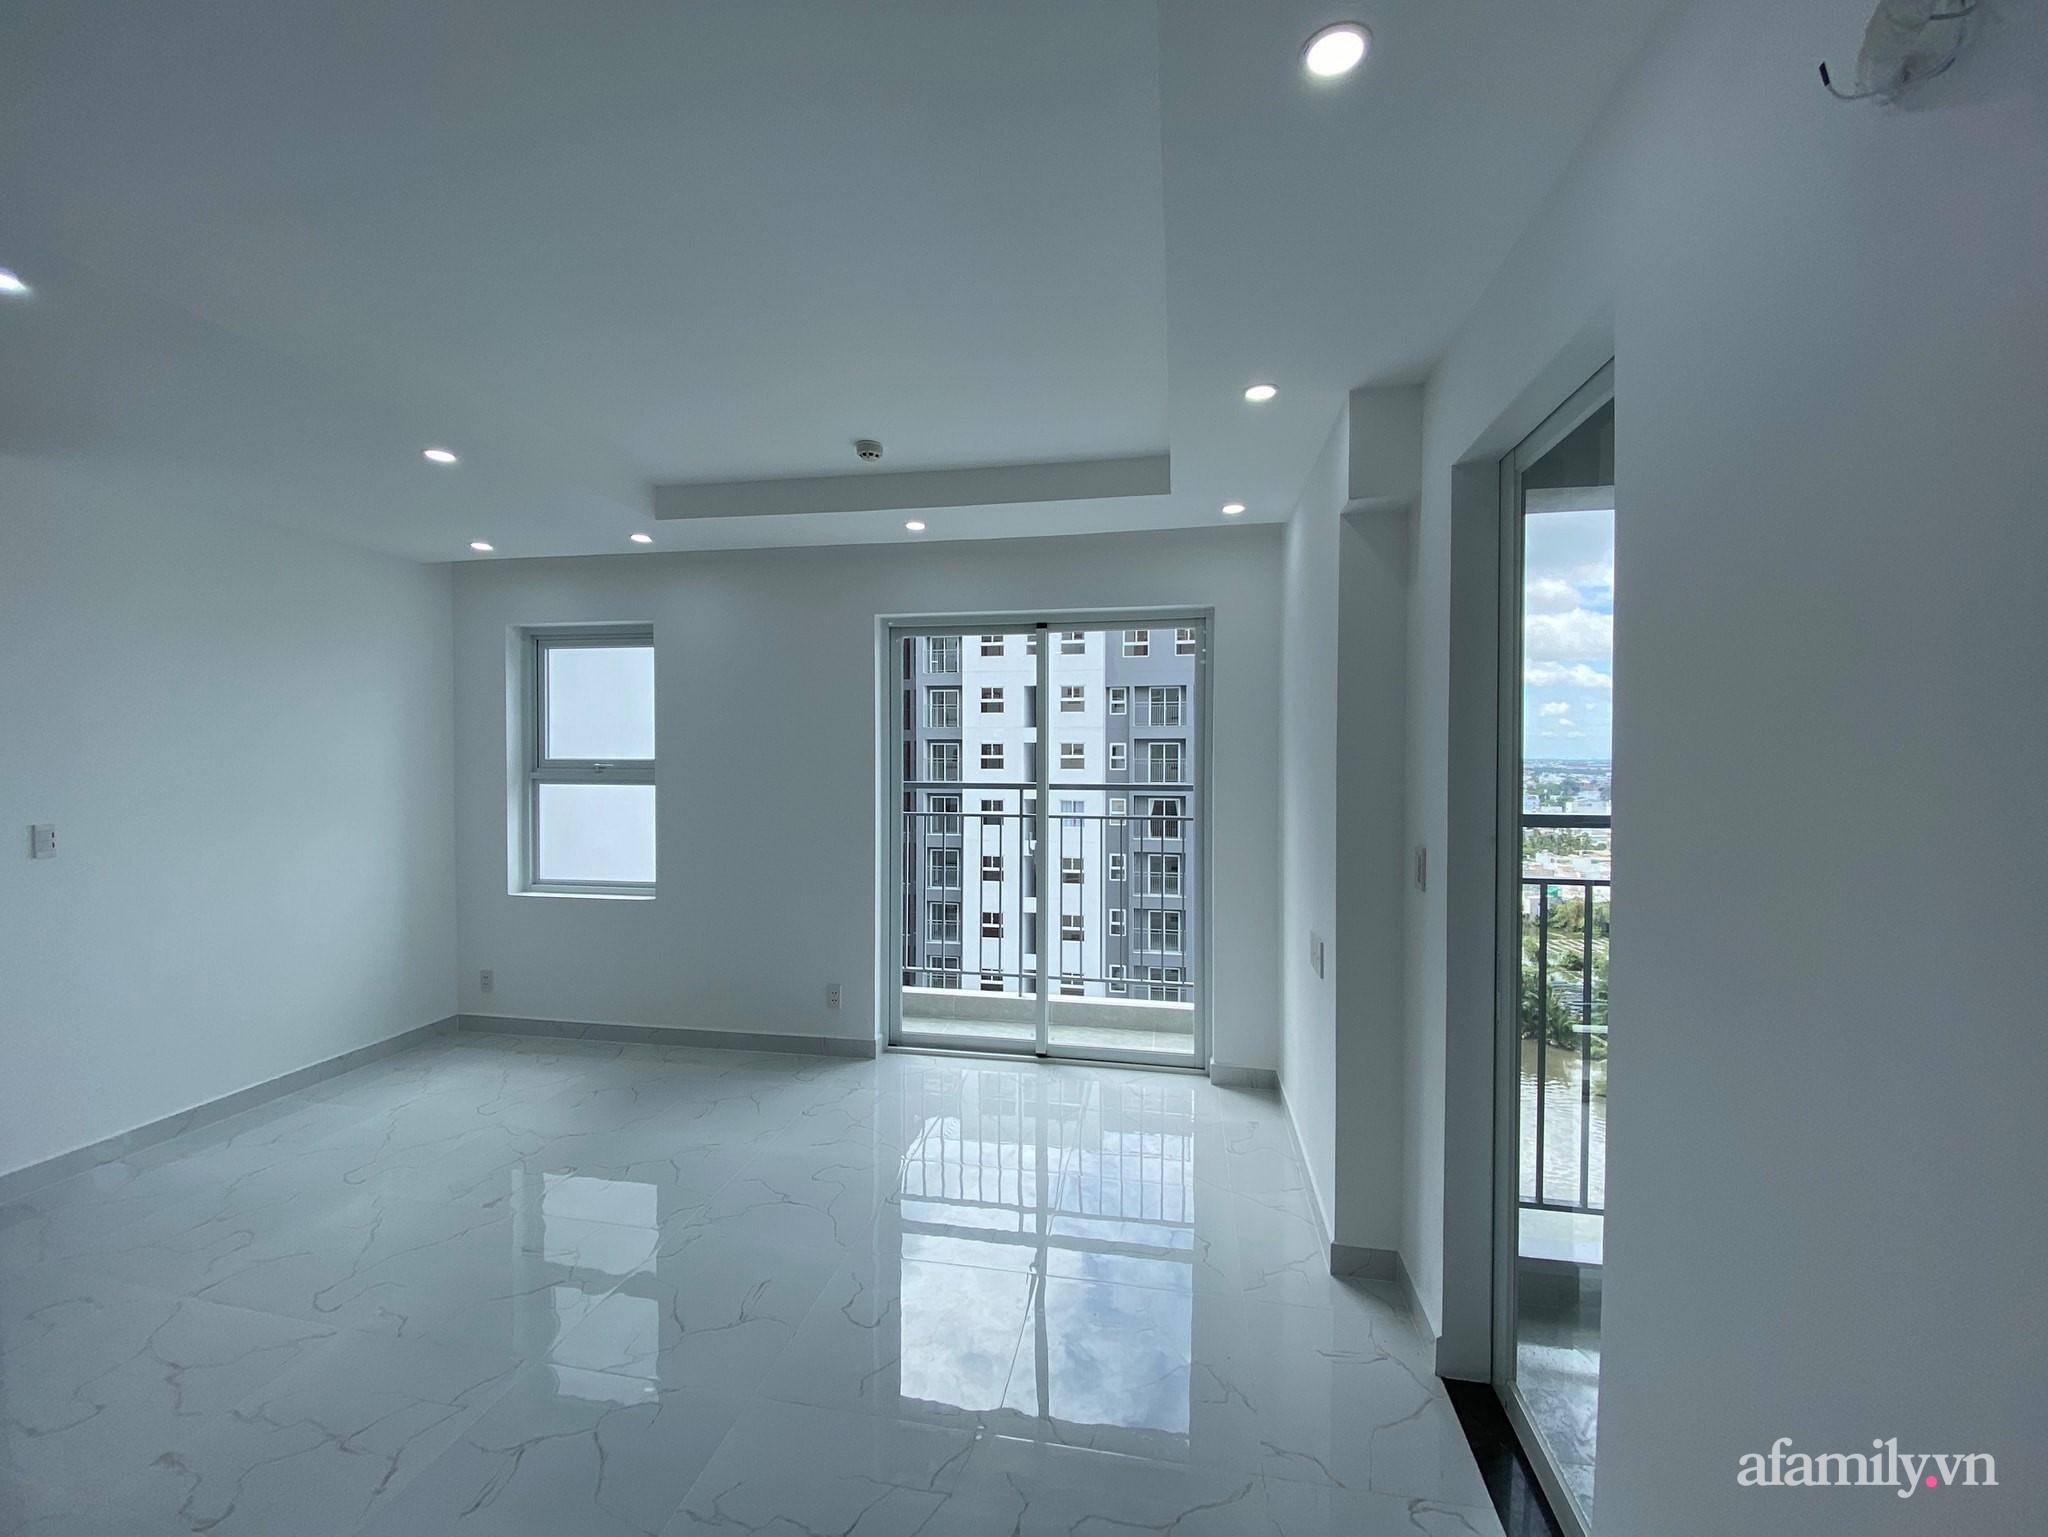 Nhà thiết kế ra tay decor căn hộ trống với chi phí cơ bản chỉ hơn 10 triệu đồng mà thành quả mê ly ai cũng vỗ tay khen ngợi - Ảnh 3.